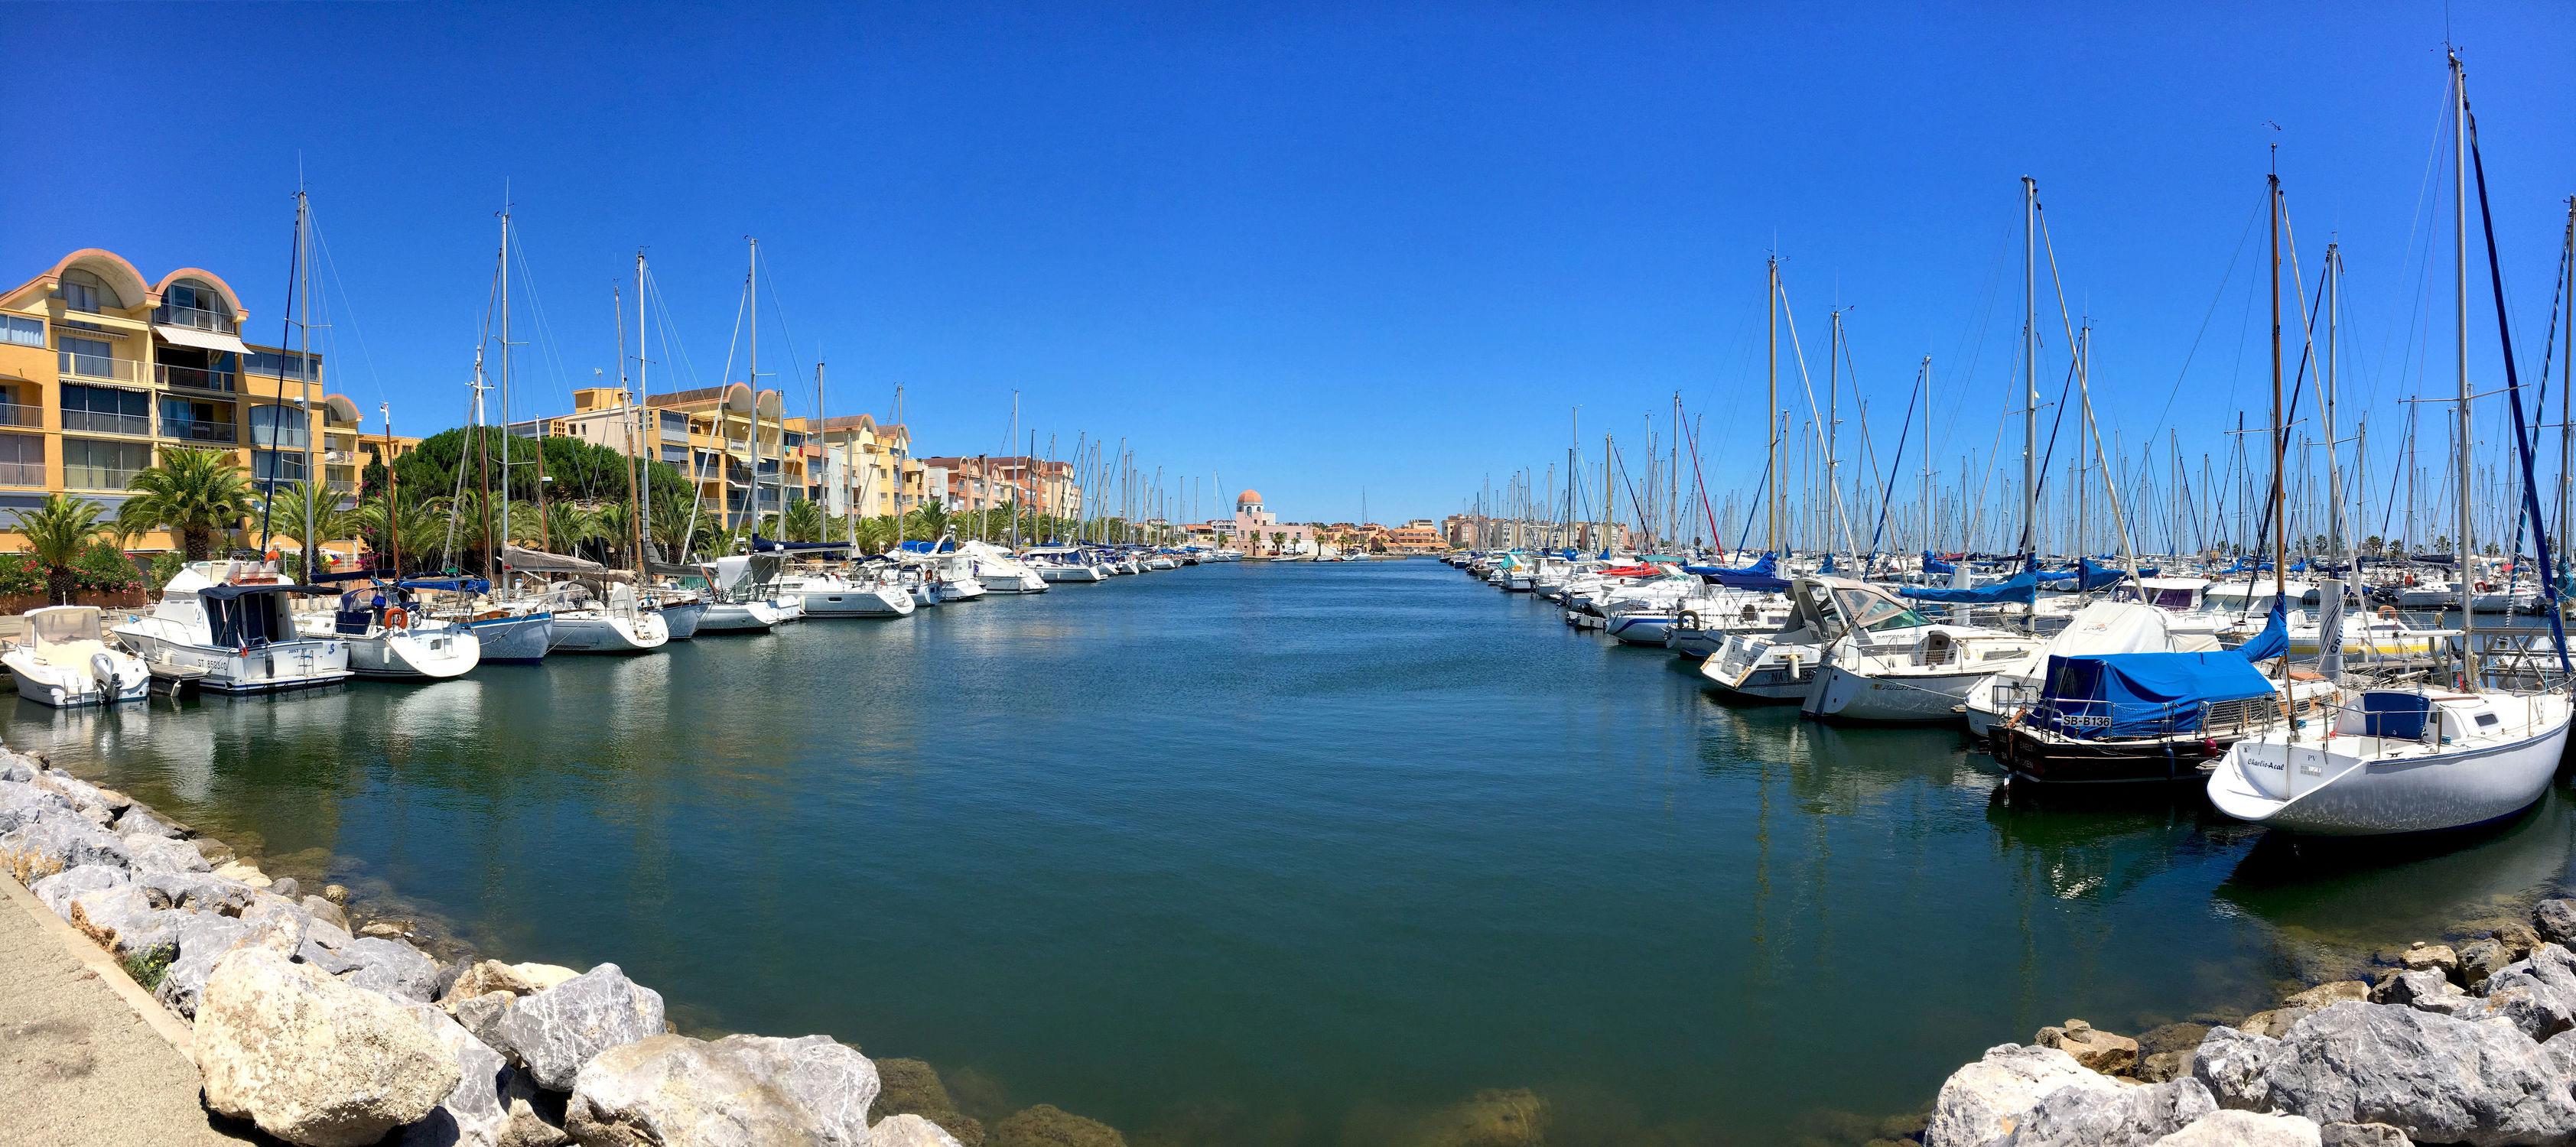 Bild mit Wasser, Gewässer, Segelboote, Häfen, Häfen, Frankreich, Meer, Gruissan Panorama, Gruissan, Yachthafen